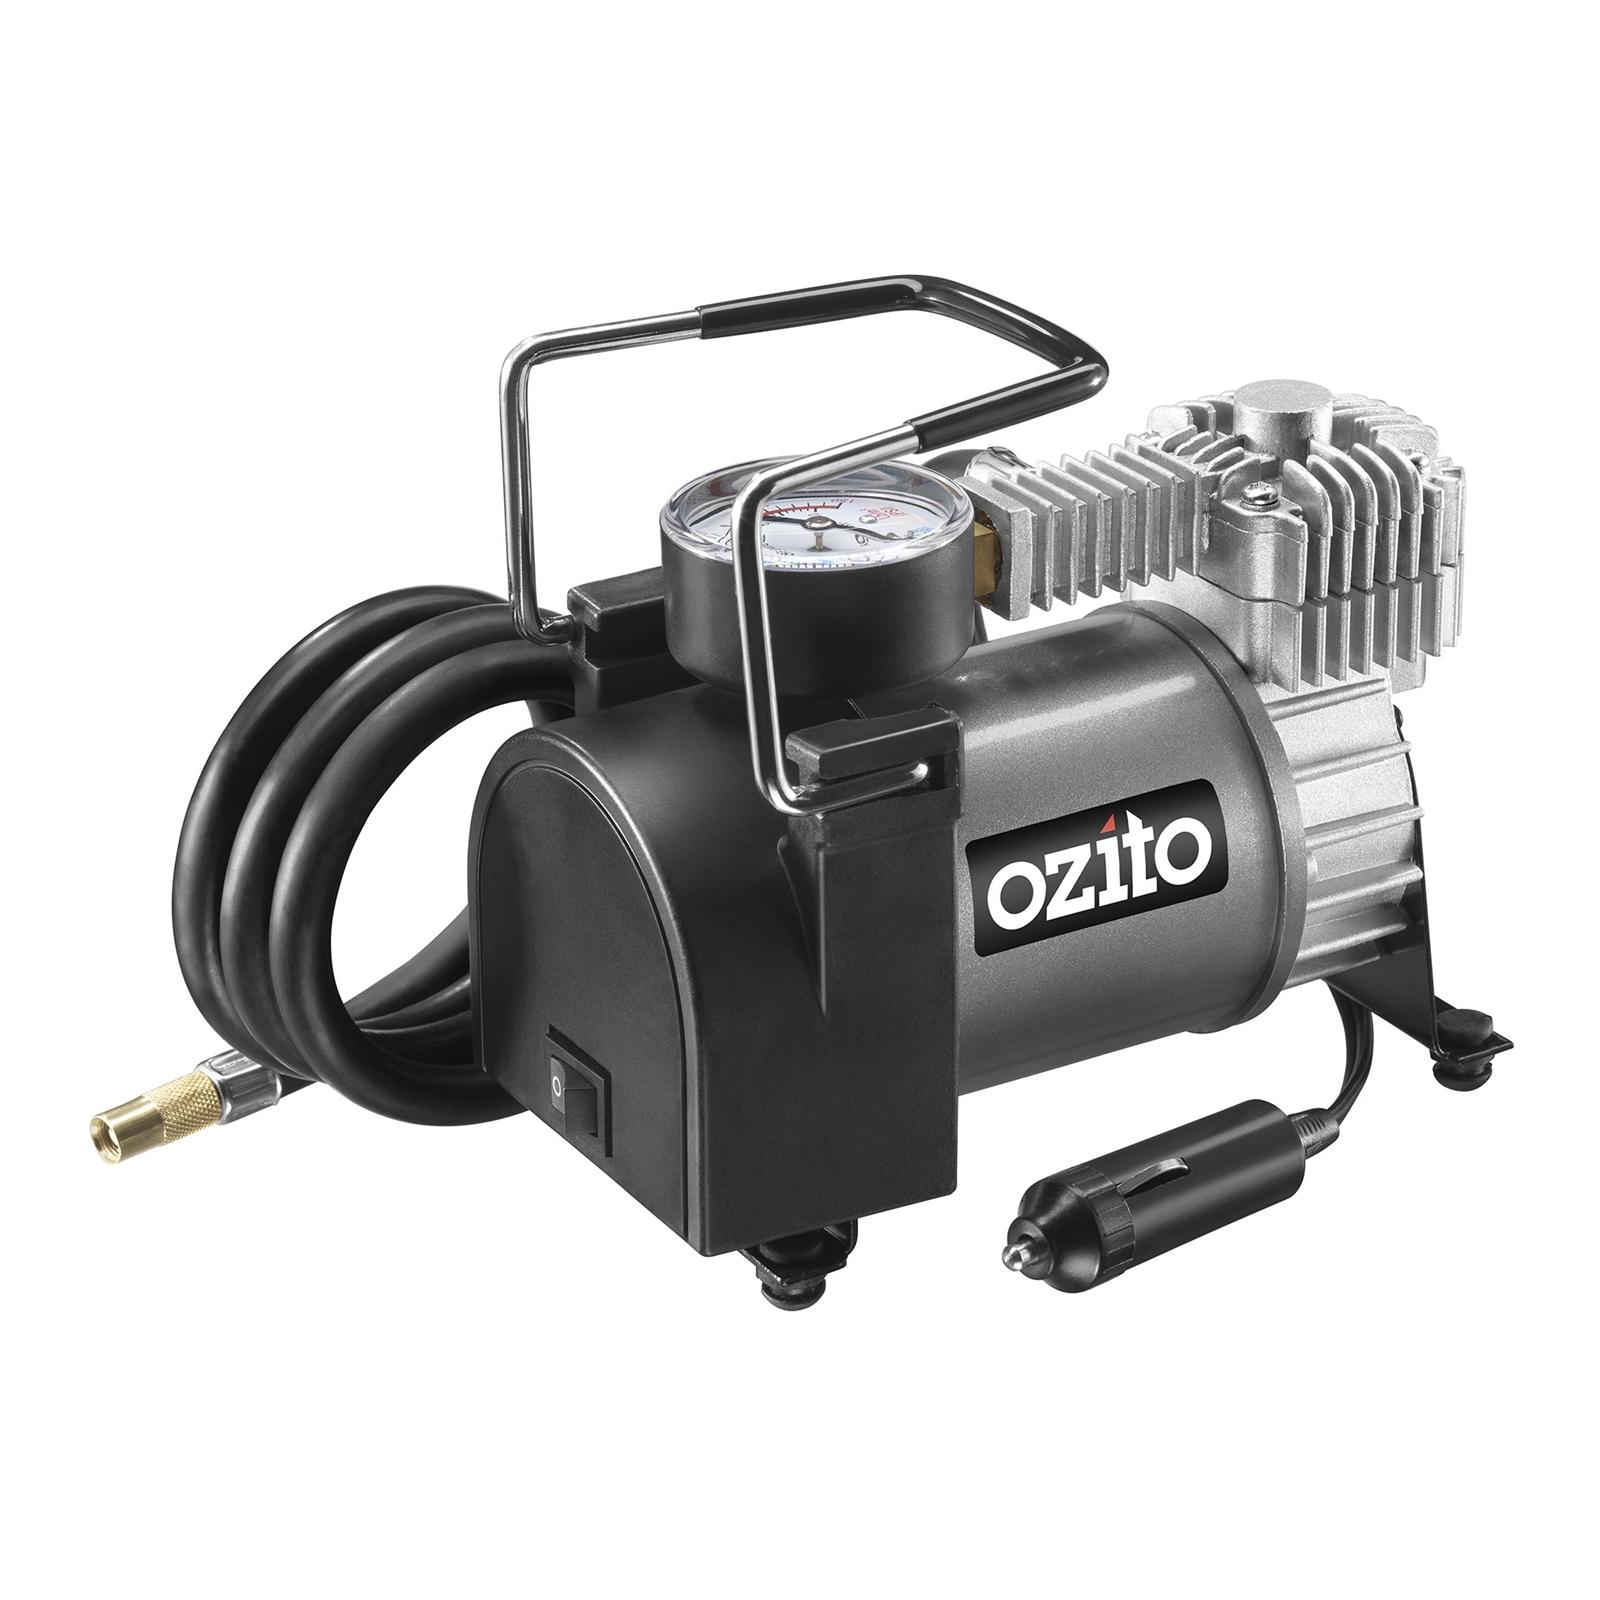 Ozito 12V 150 PSI Air Compressor